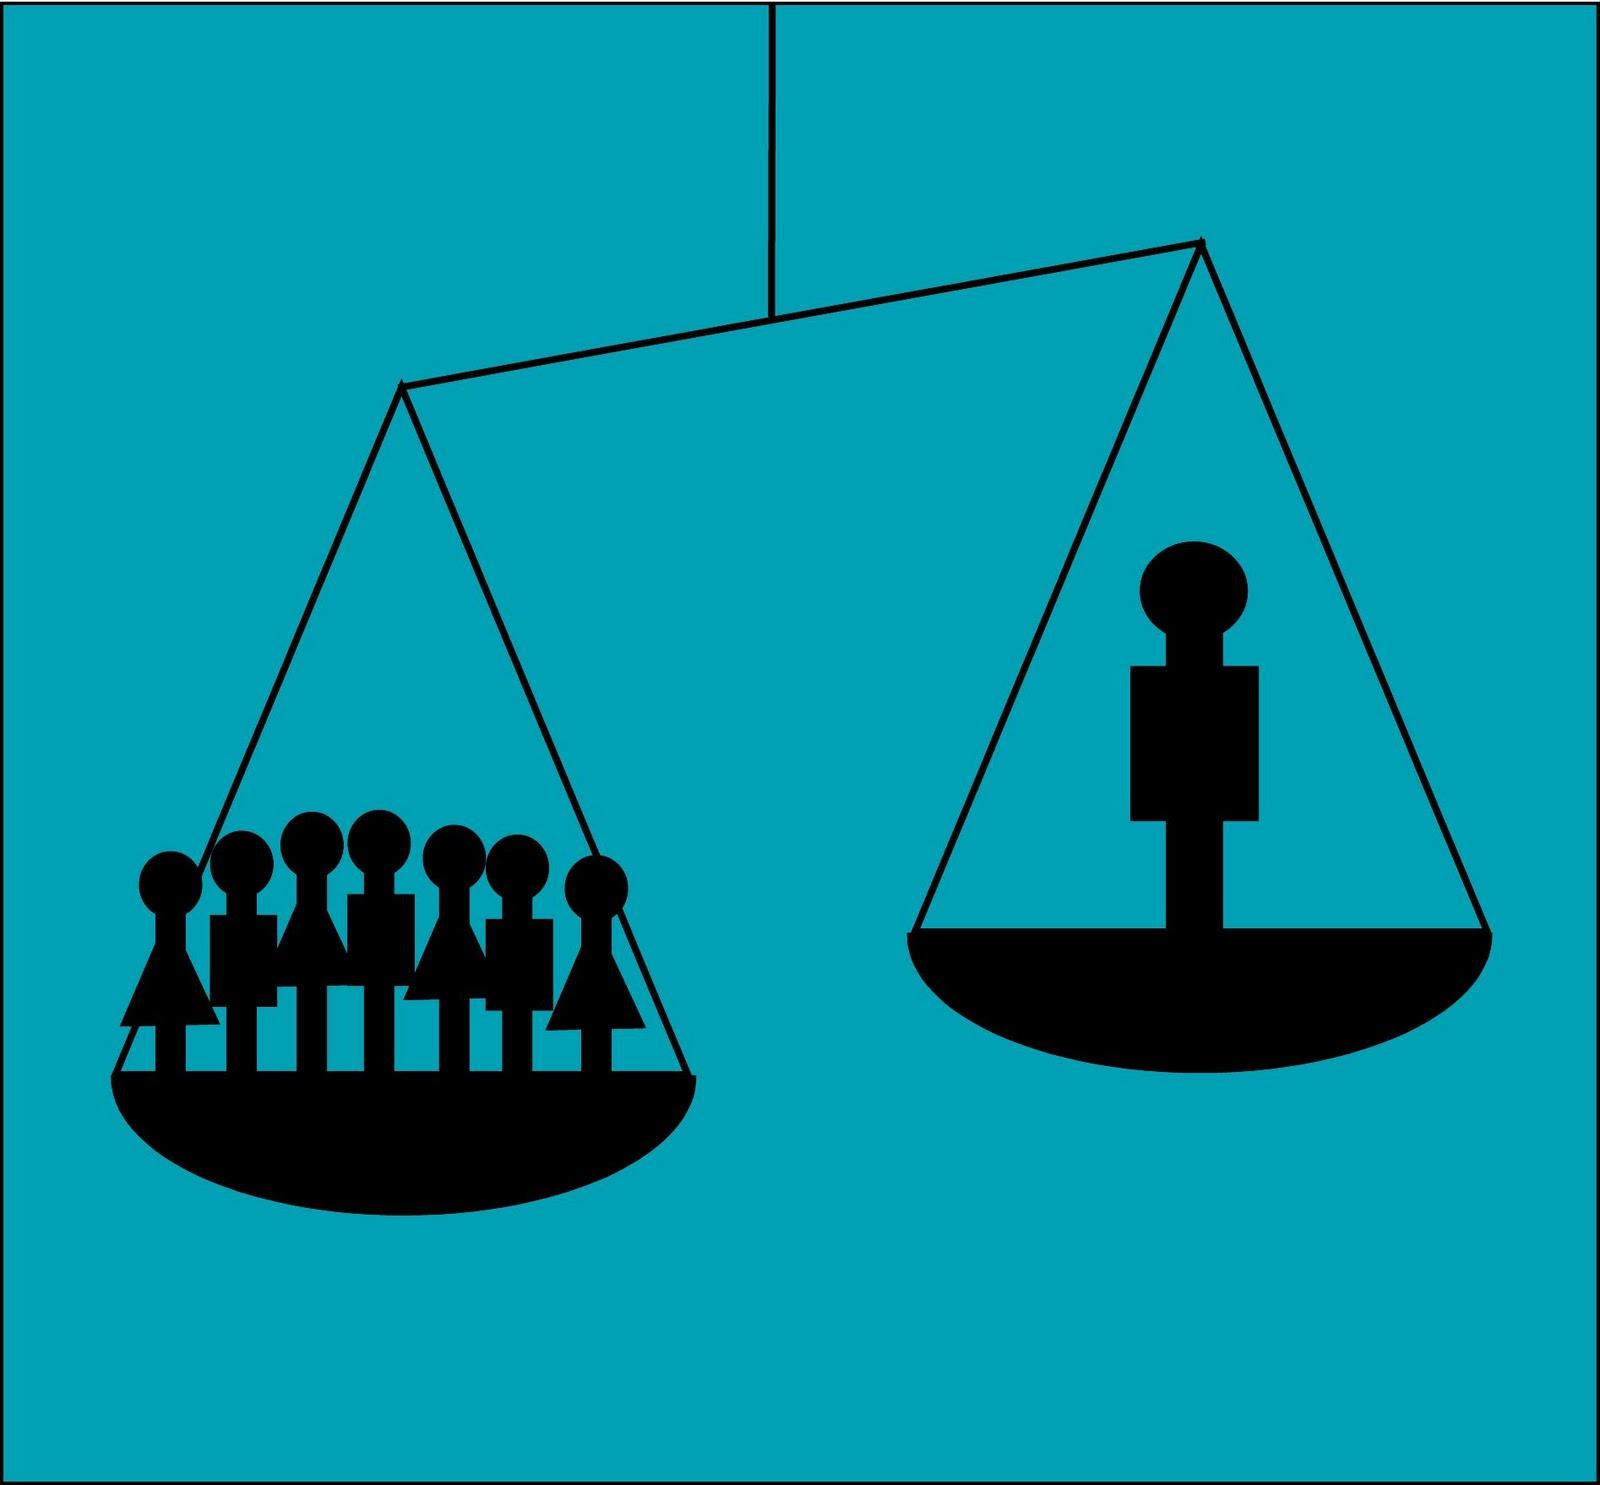 Gráfico que representa la desigualdad